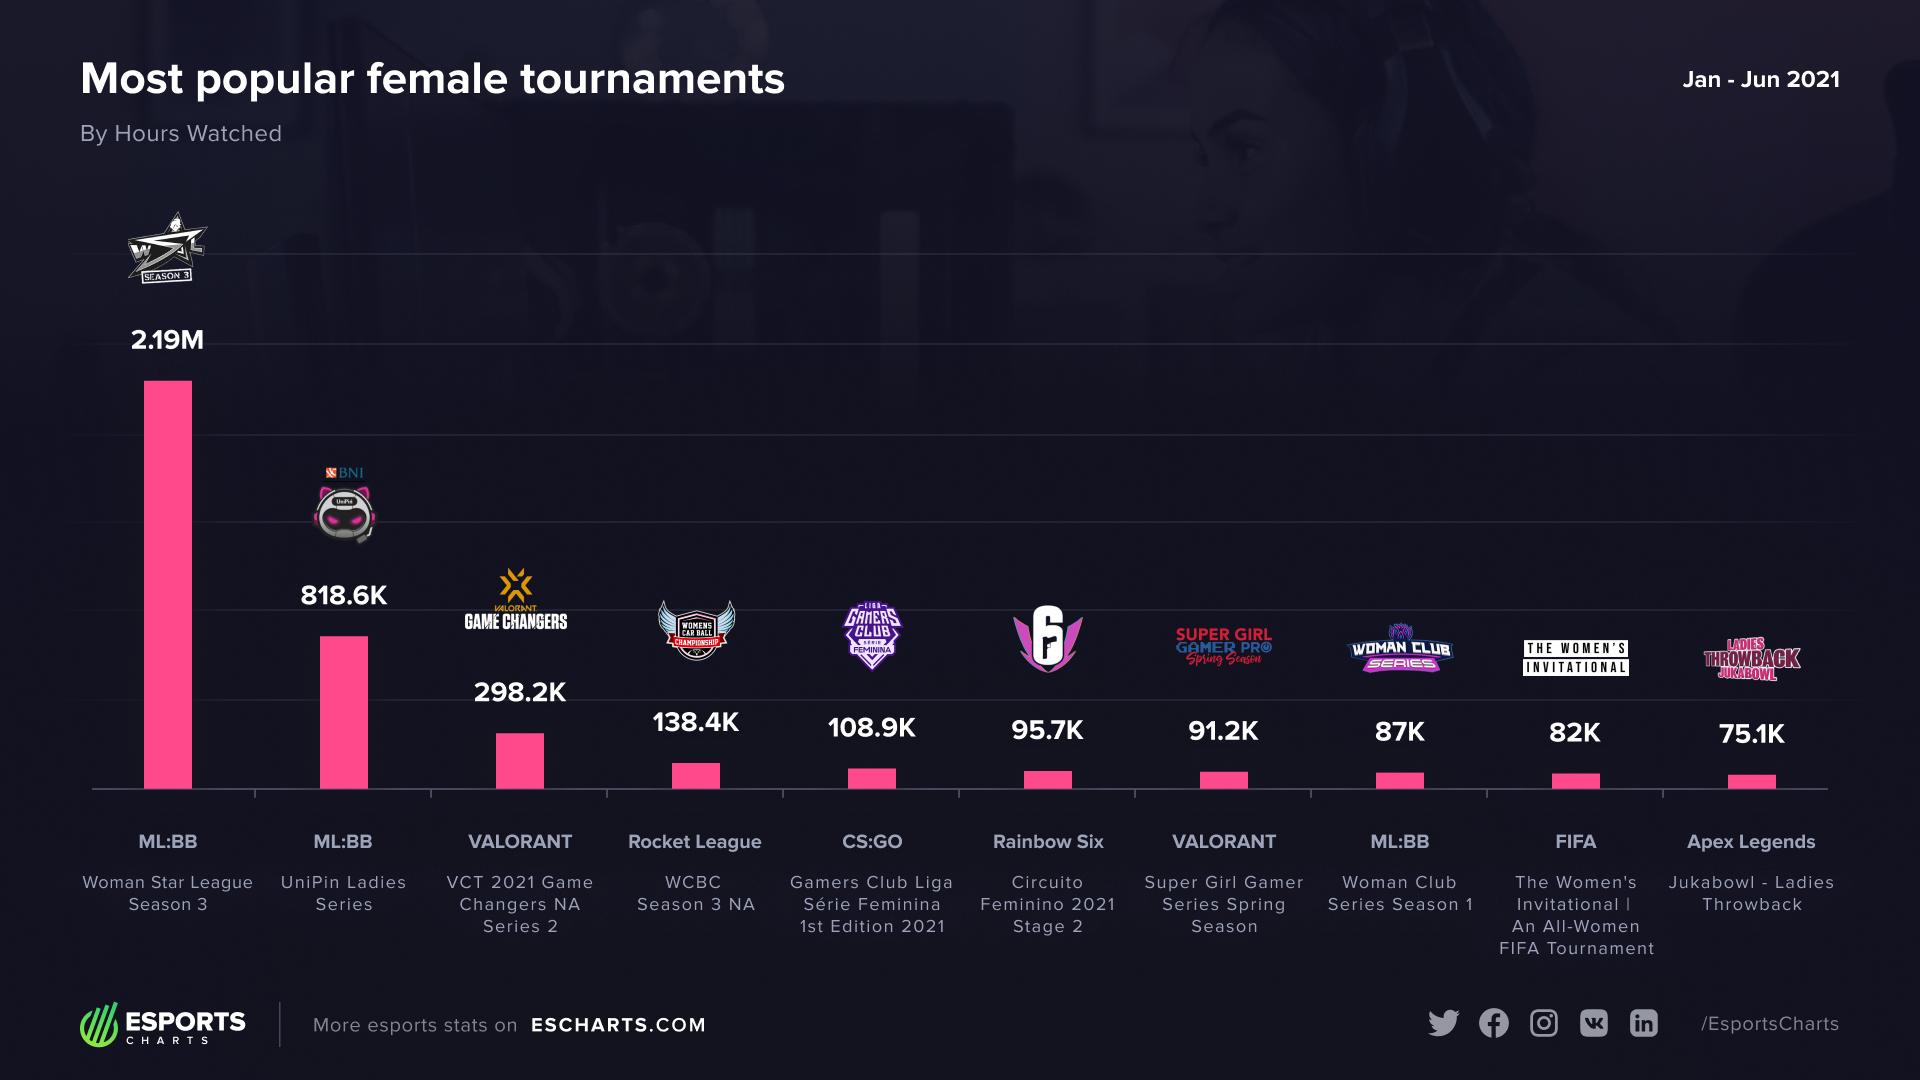 Turnamen esports wanita terpopuler di tahun 2021 menurut Hours Watched